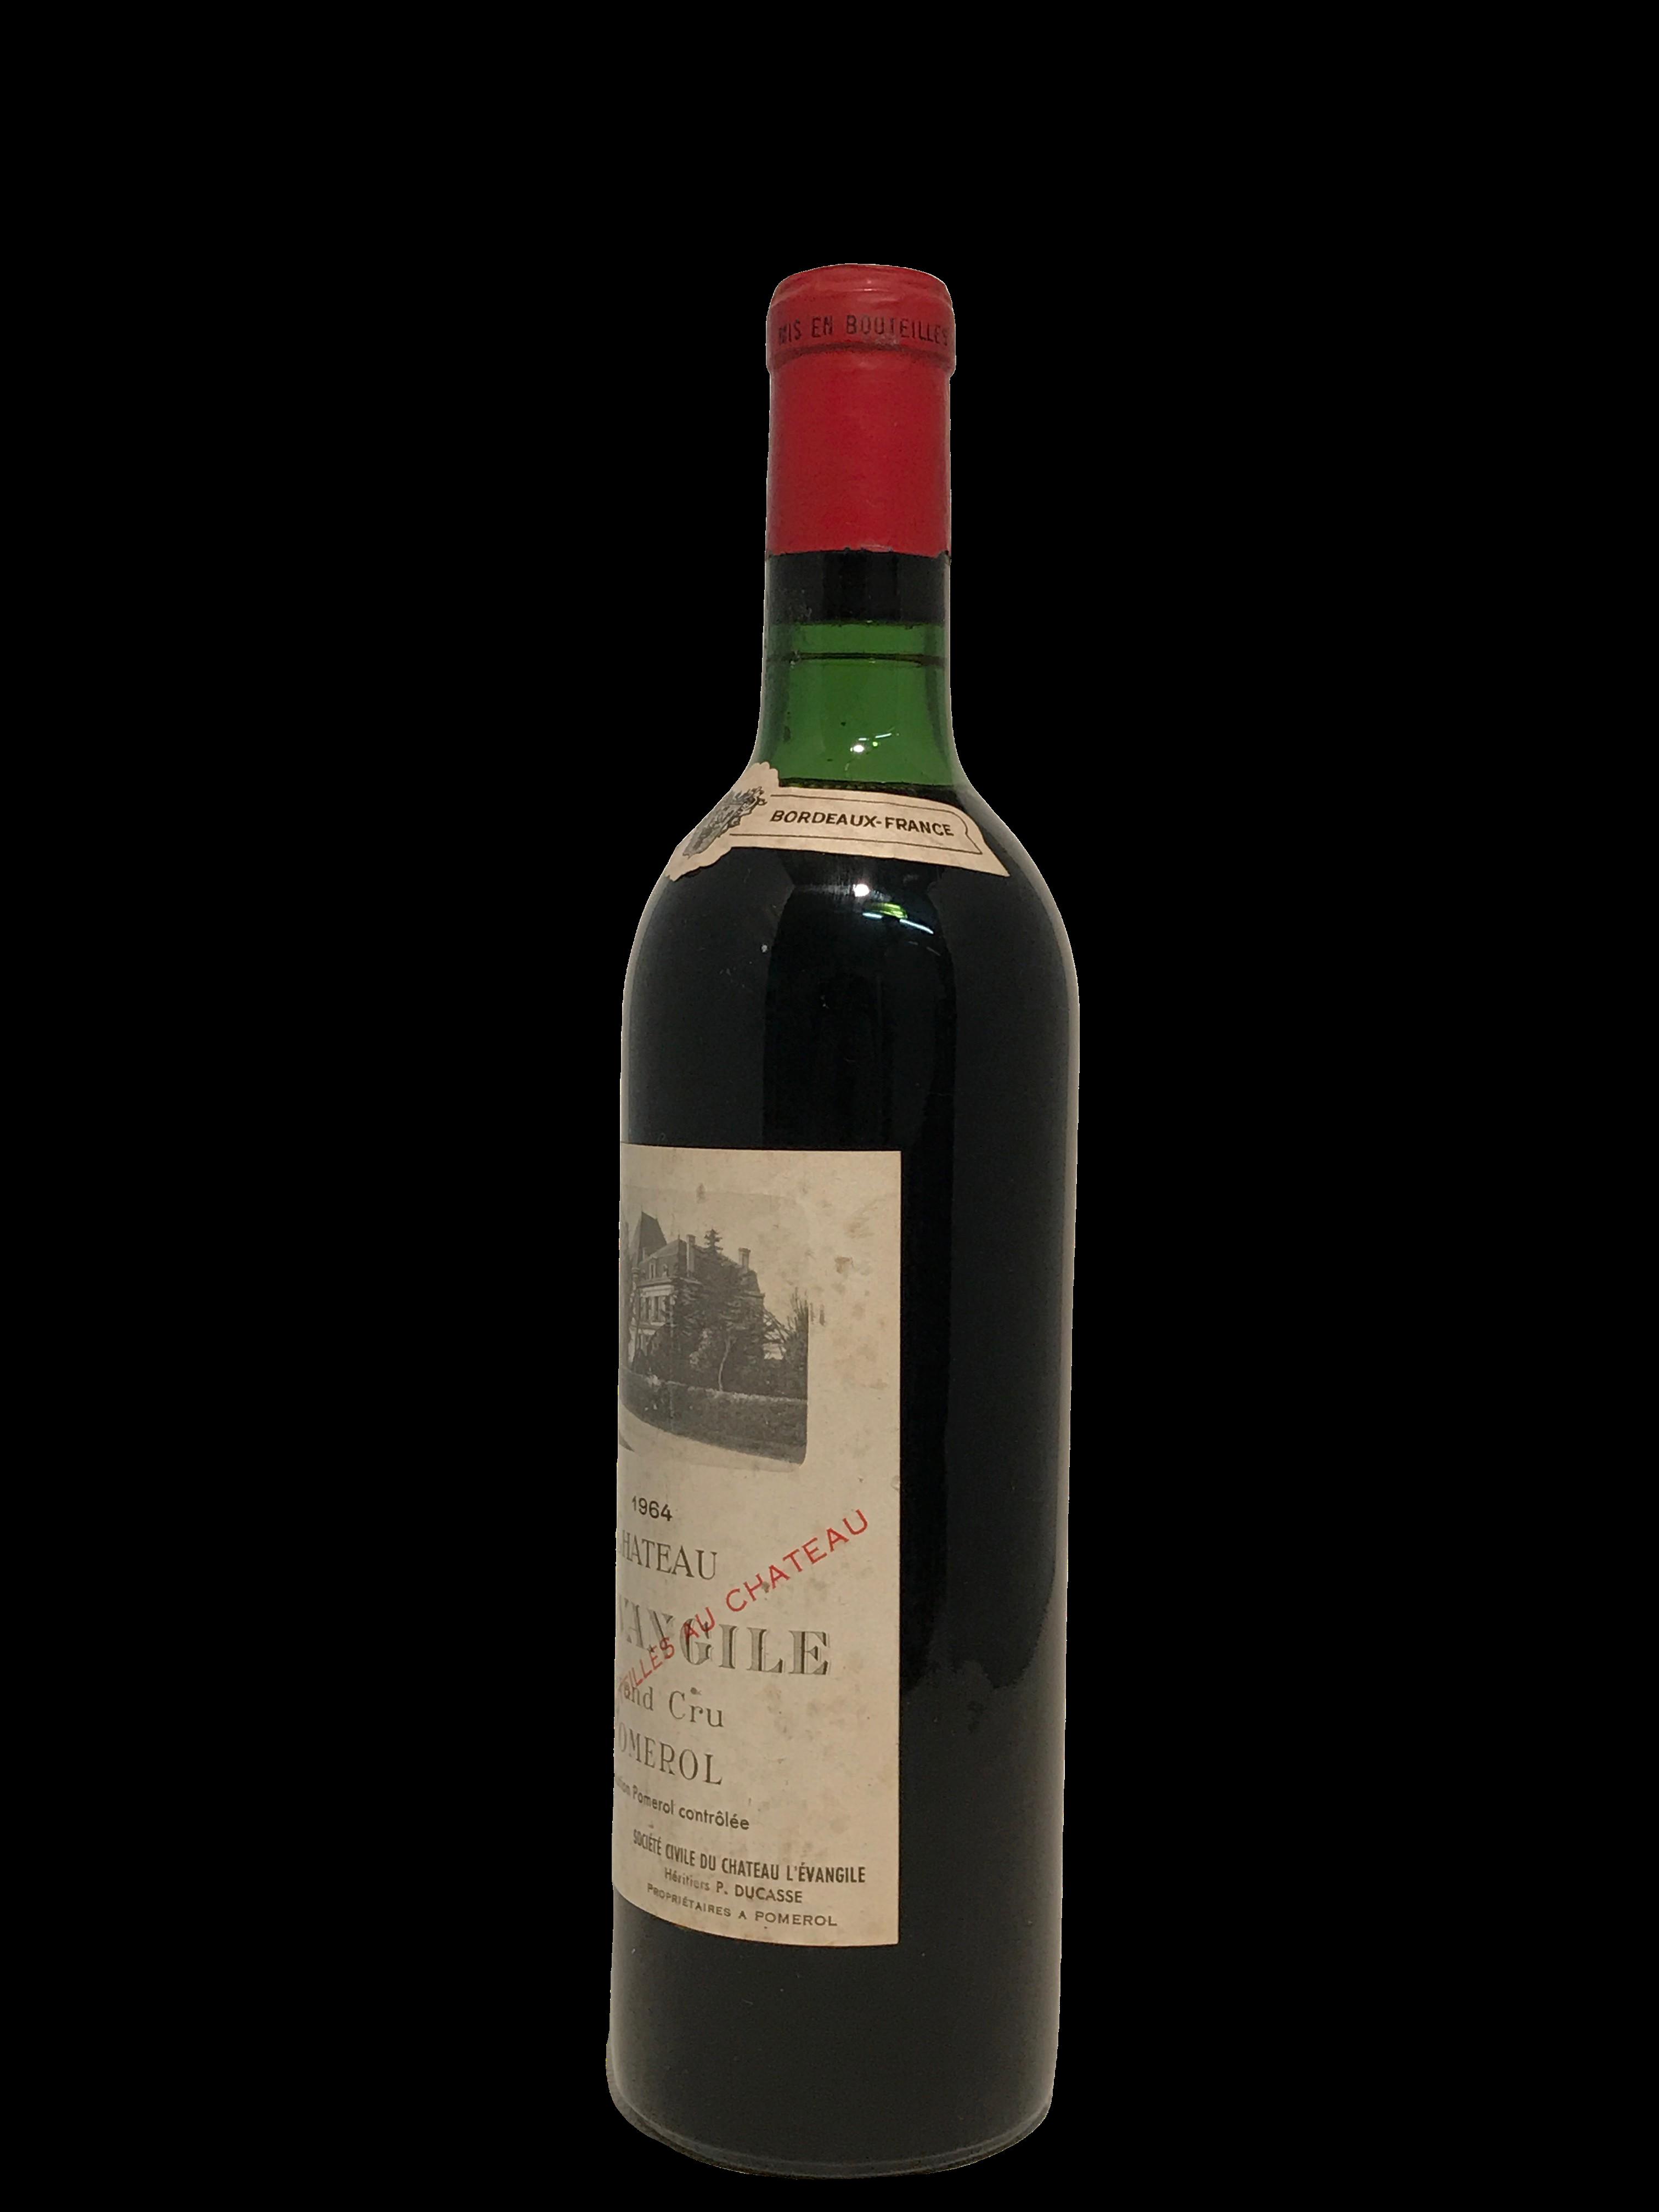 Château L'Evangile 1964